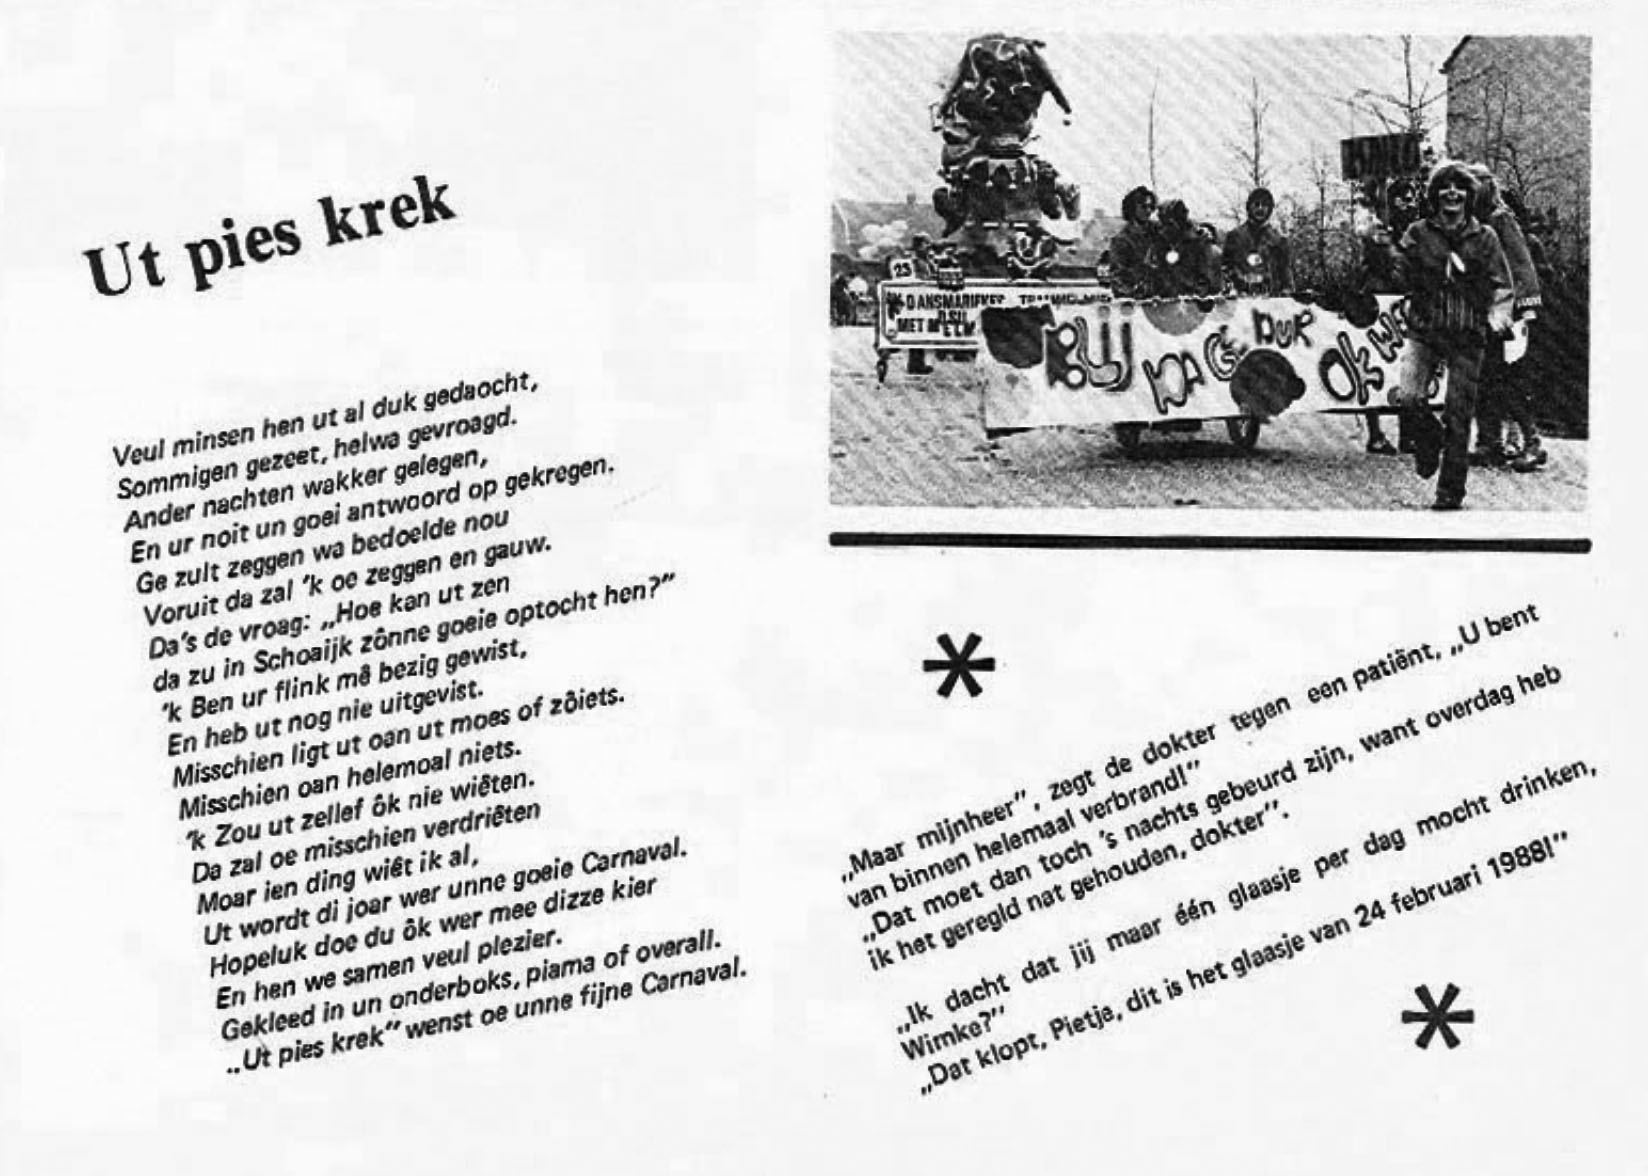 Stukje uit de carnavalskrant van Ut Pies Krek - 1979